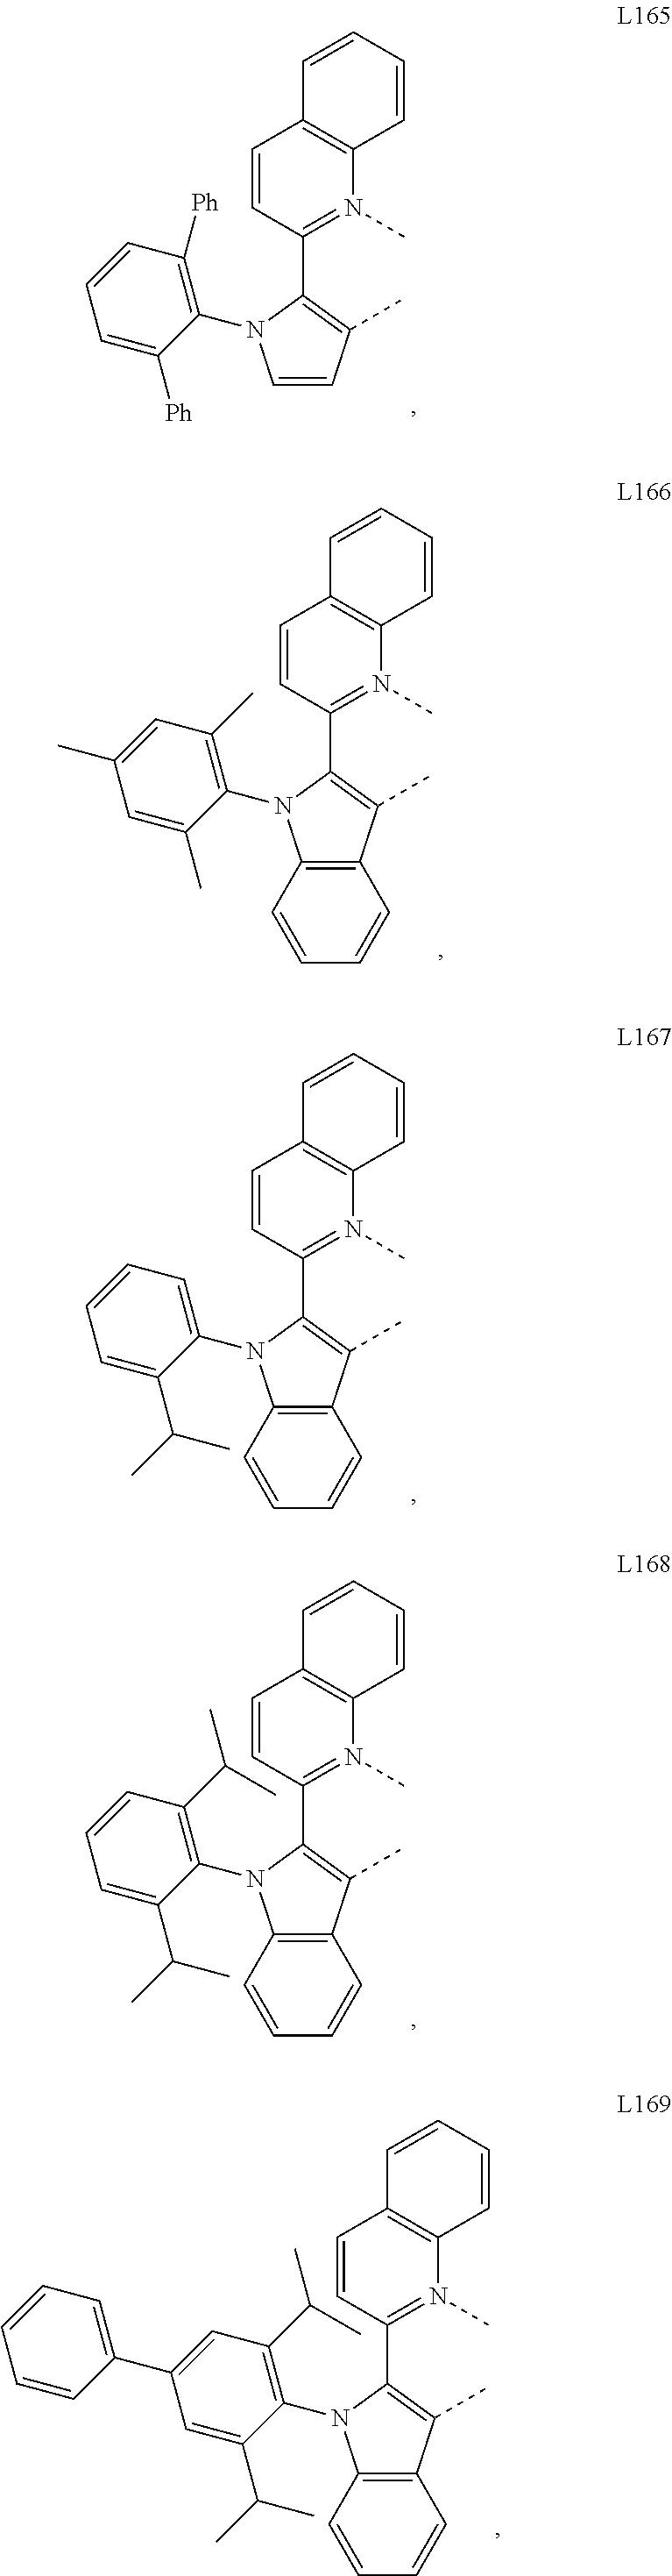 Figure US09935277-20180403-C00038